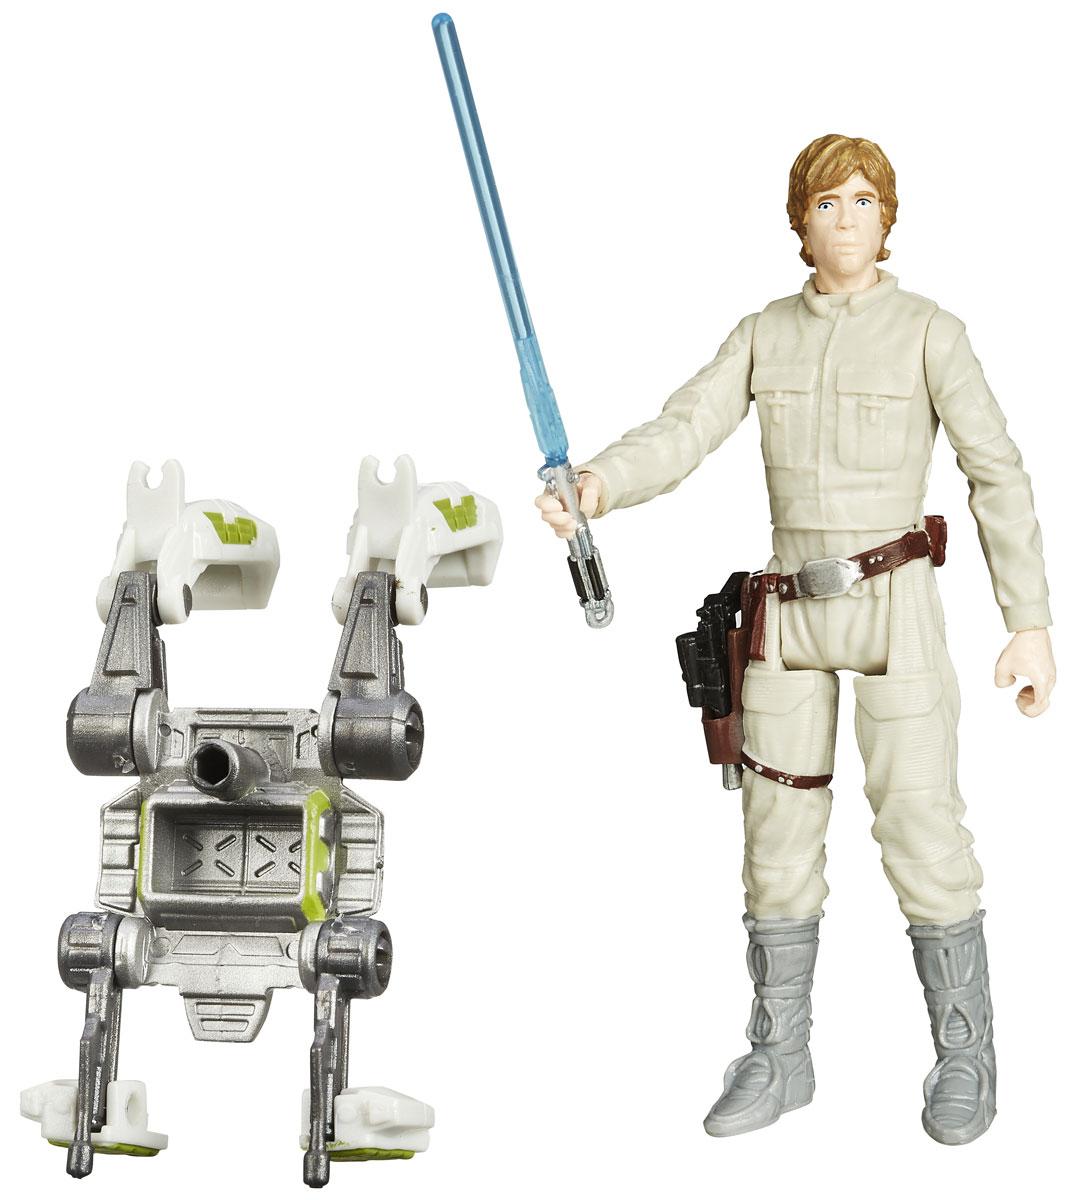 Star Wars Фигурка Luke SkywalkerB3445EU4_B3448Фигурка Luke Skywalker создана в виде героя всеми любимой фантастической саги Звездные Войны Люка Скайуокер. Фигурка из пластика проработана до мельчайших деталей и является точной копией своего прототипа в уменьшенном размере. Конечности фигурки подвижны: поворачивается голова, сгибаются ноги и руки. Все это сделает игру реалистичной и разнообразной. Такая фигурка непременно понравится поклоннику Звездных войн и станет замечательным украшением любой коллекции. В наборе: фигурка и снаряжение.